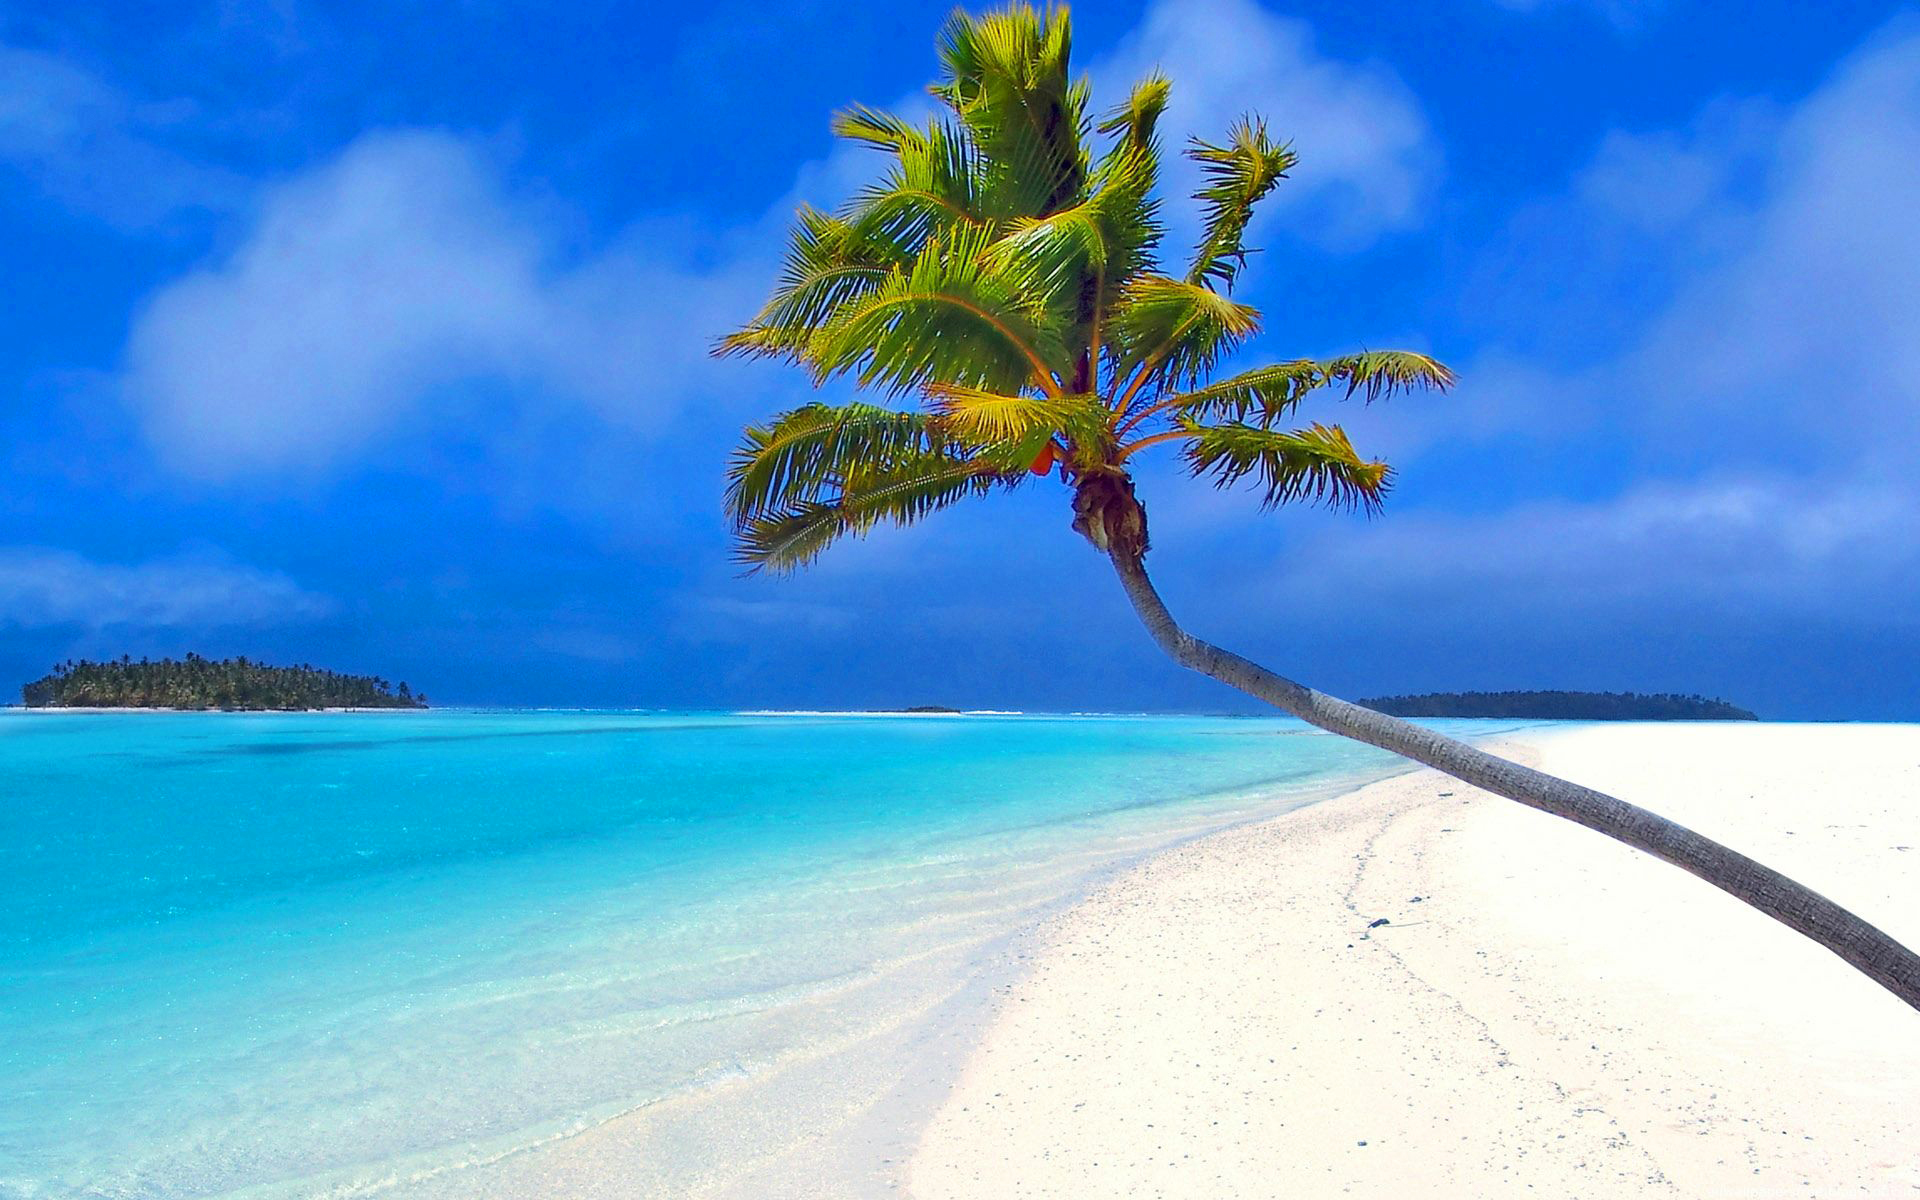 берег океана с пальмами фото фотошкола архангельске